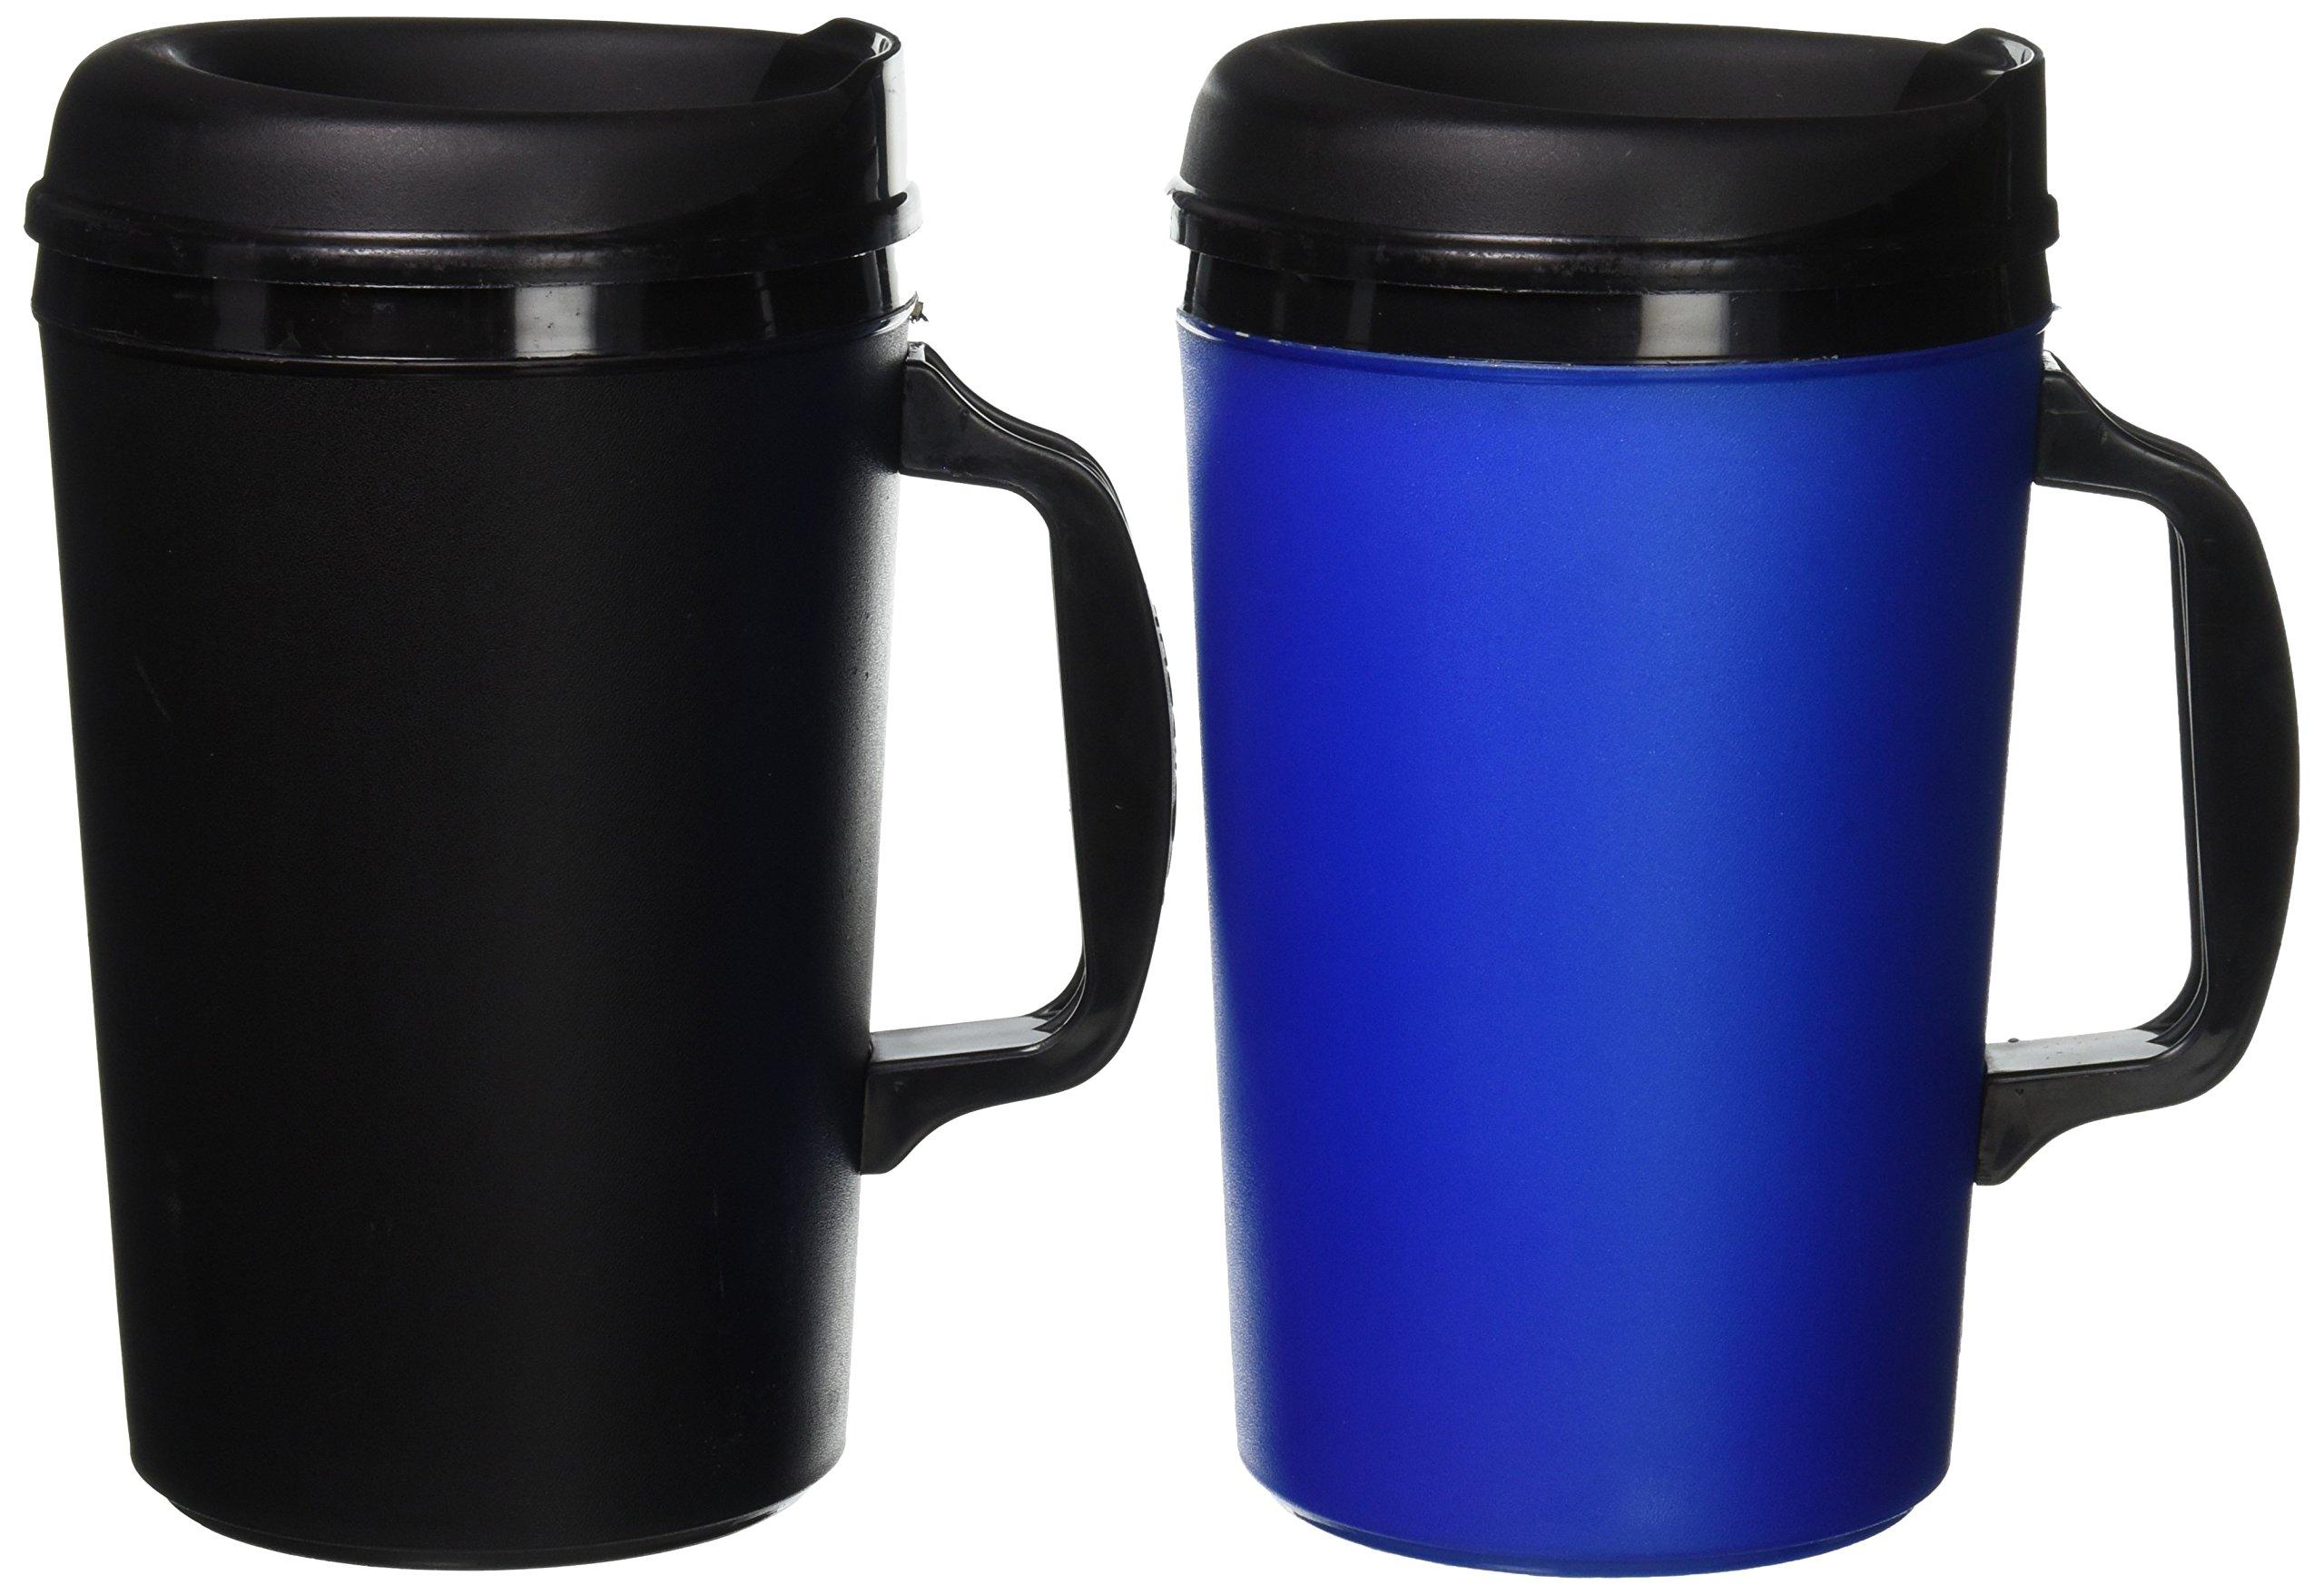 MugsFind Mugs Deals Aladdin Insulated Cheap On uPXZiOkT